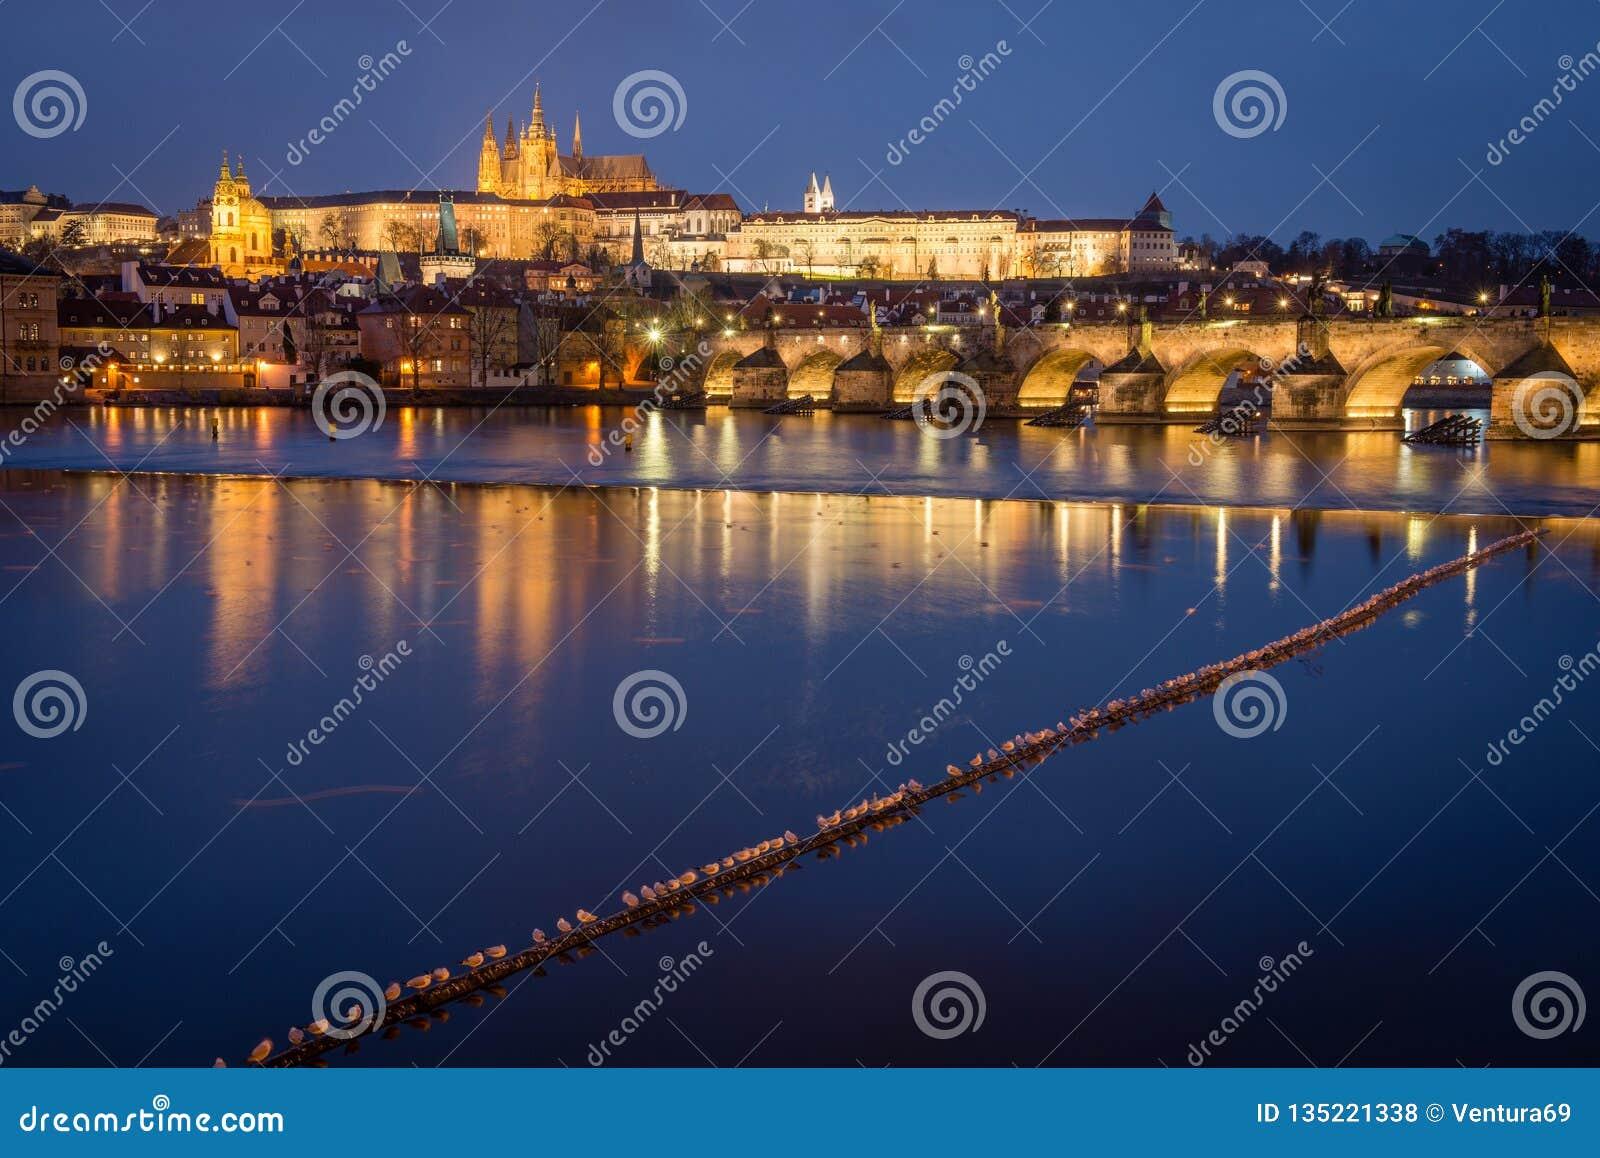 Κάστρο της Πράγας και γέφυρα του Charles τη νύχτα, Δημοκρατία της Τσεχίας